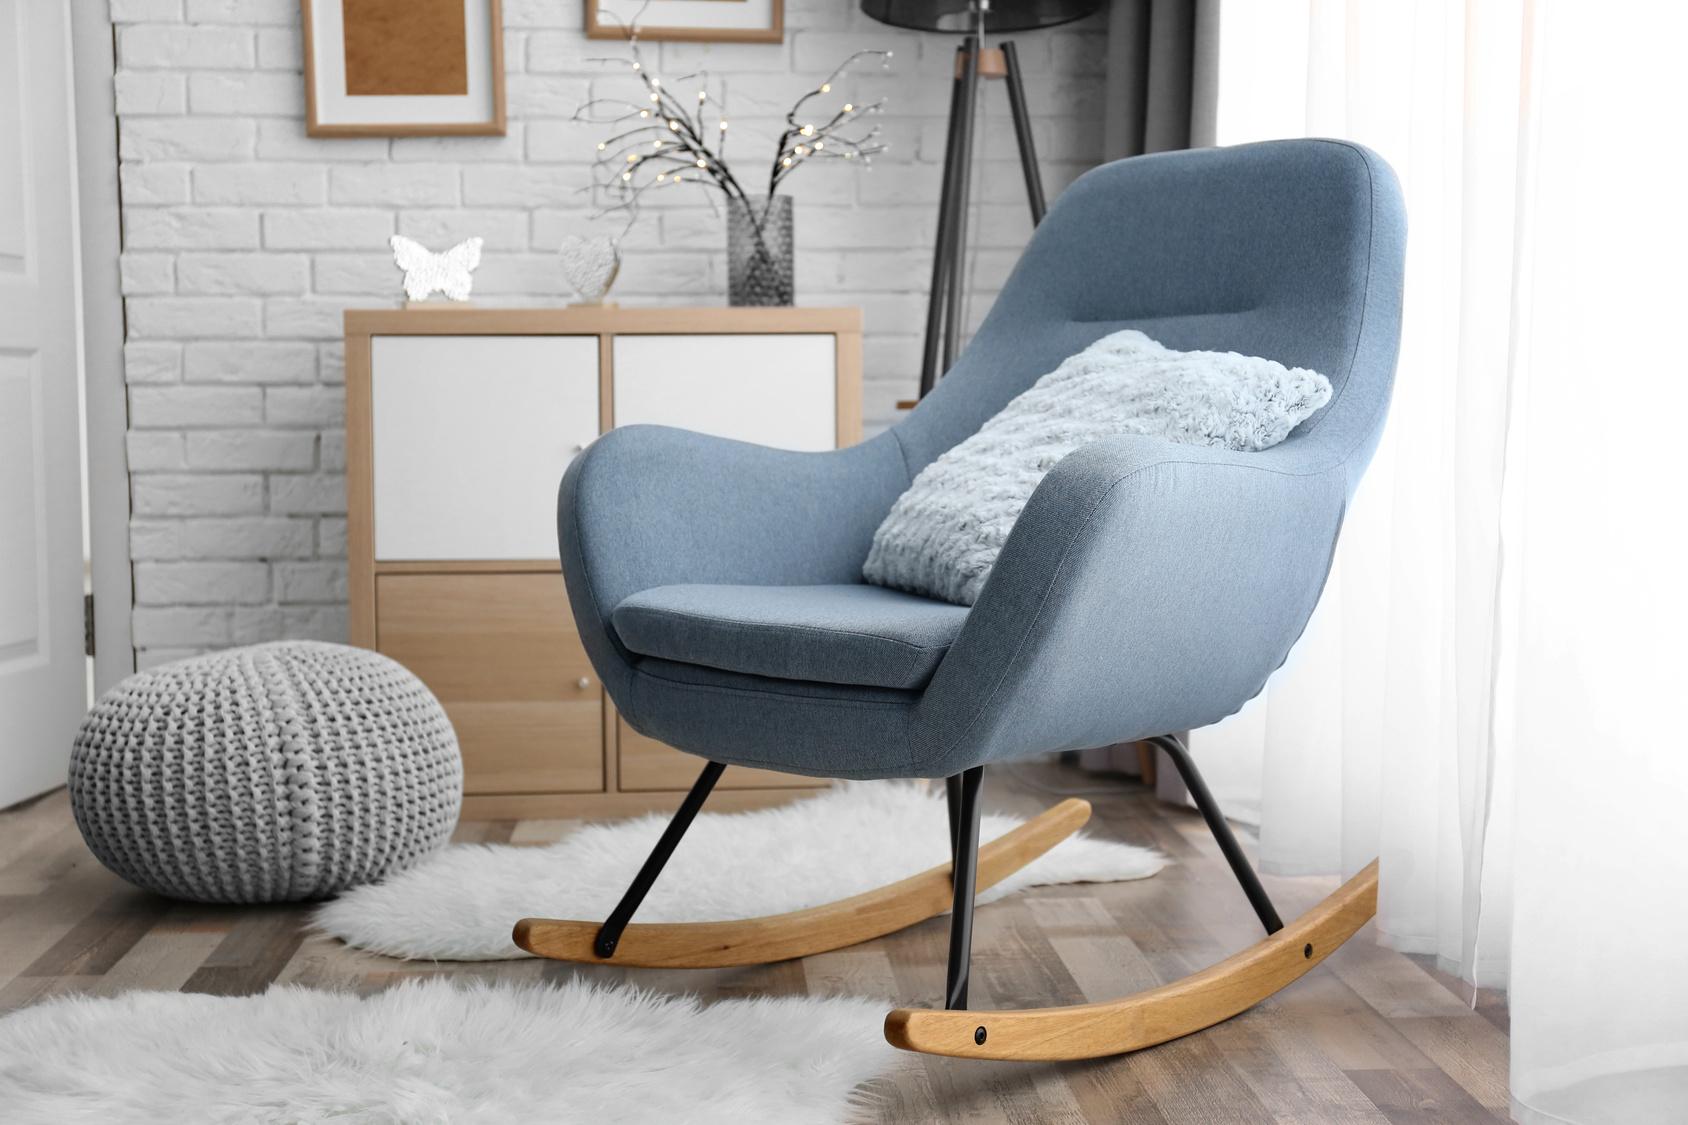 Sedia a dondolo tra design e fascino retr la stanza - Sedia dondolo design ...